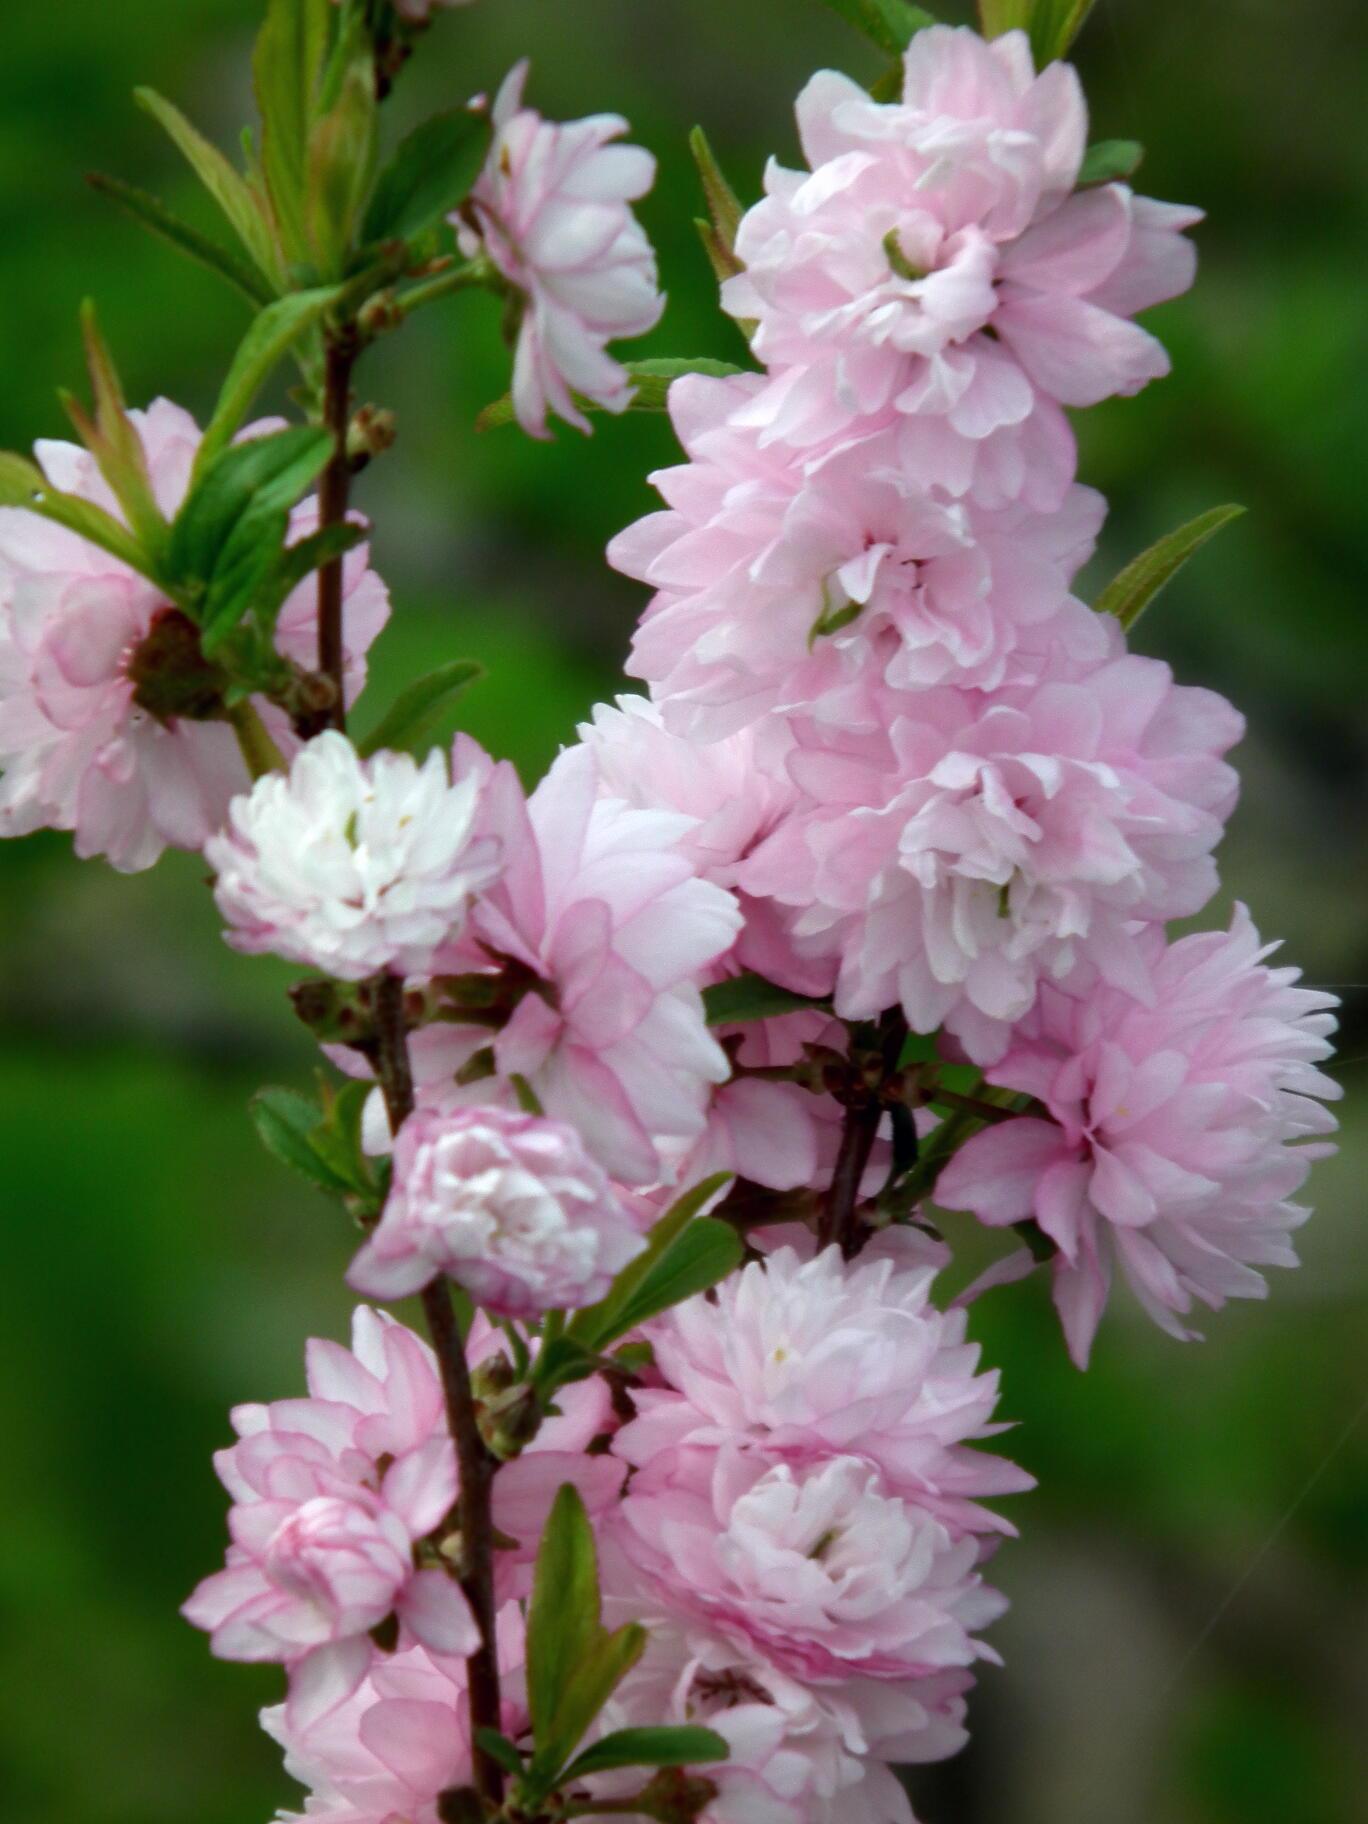 中国では麦李…日本では庭桜_e0064158_23523181.jpg